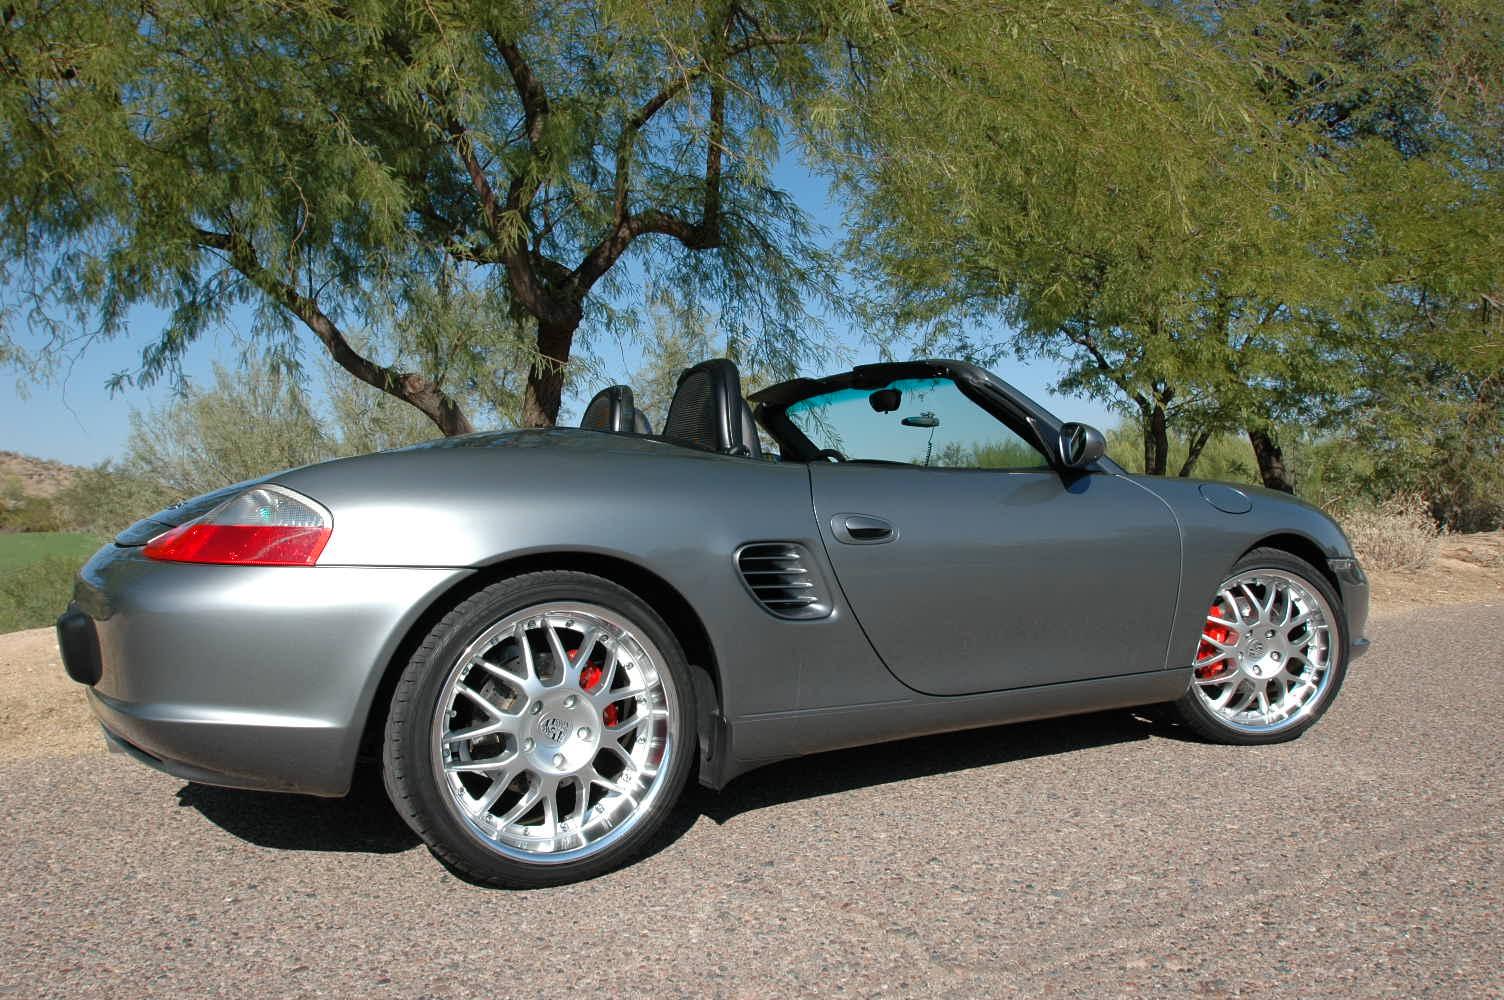 Picture of 2000 Porsche Boxster Base, exterior